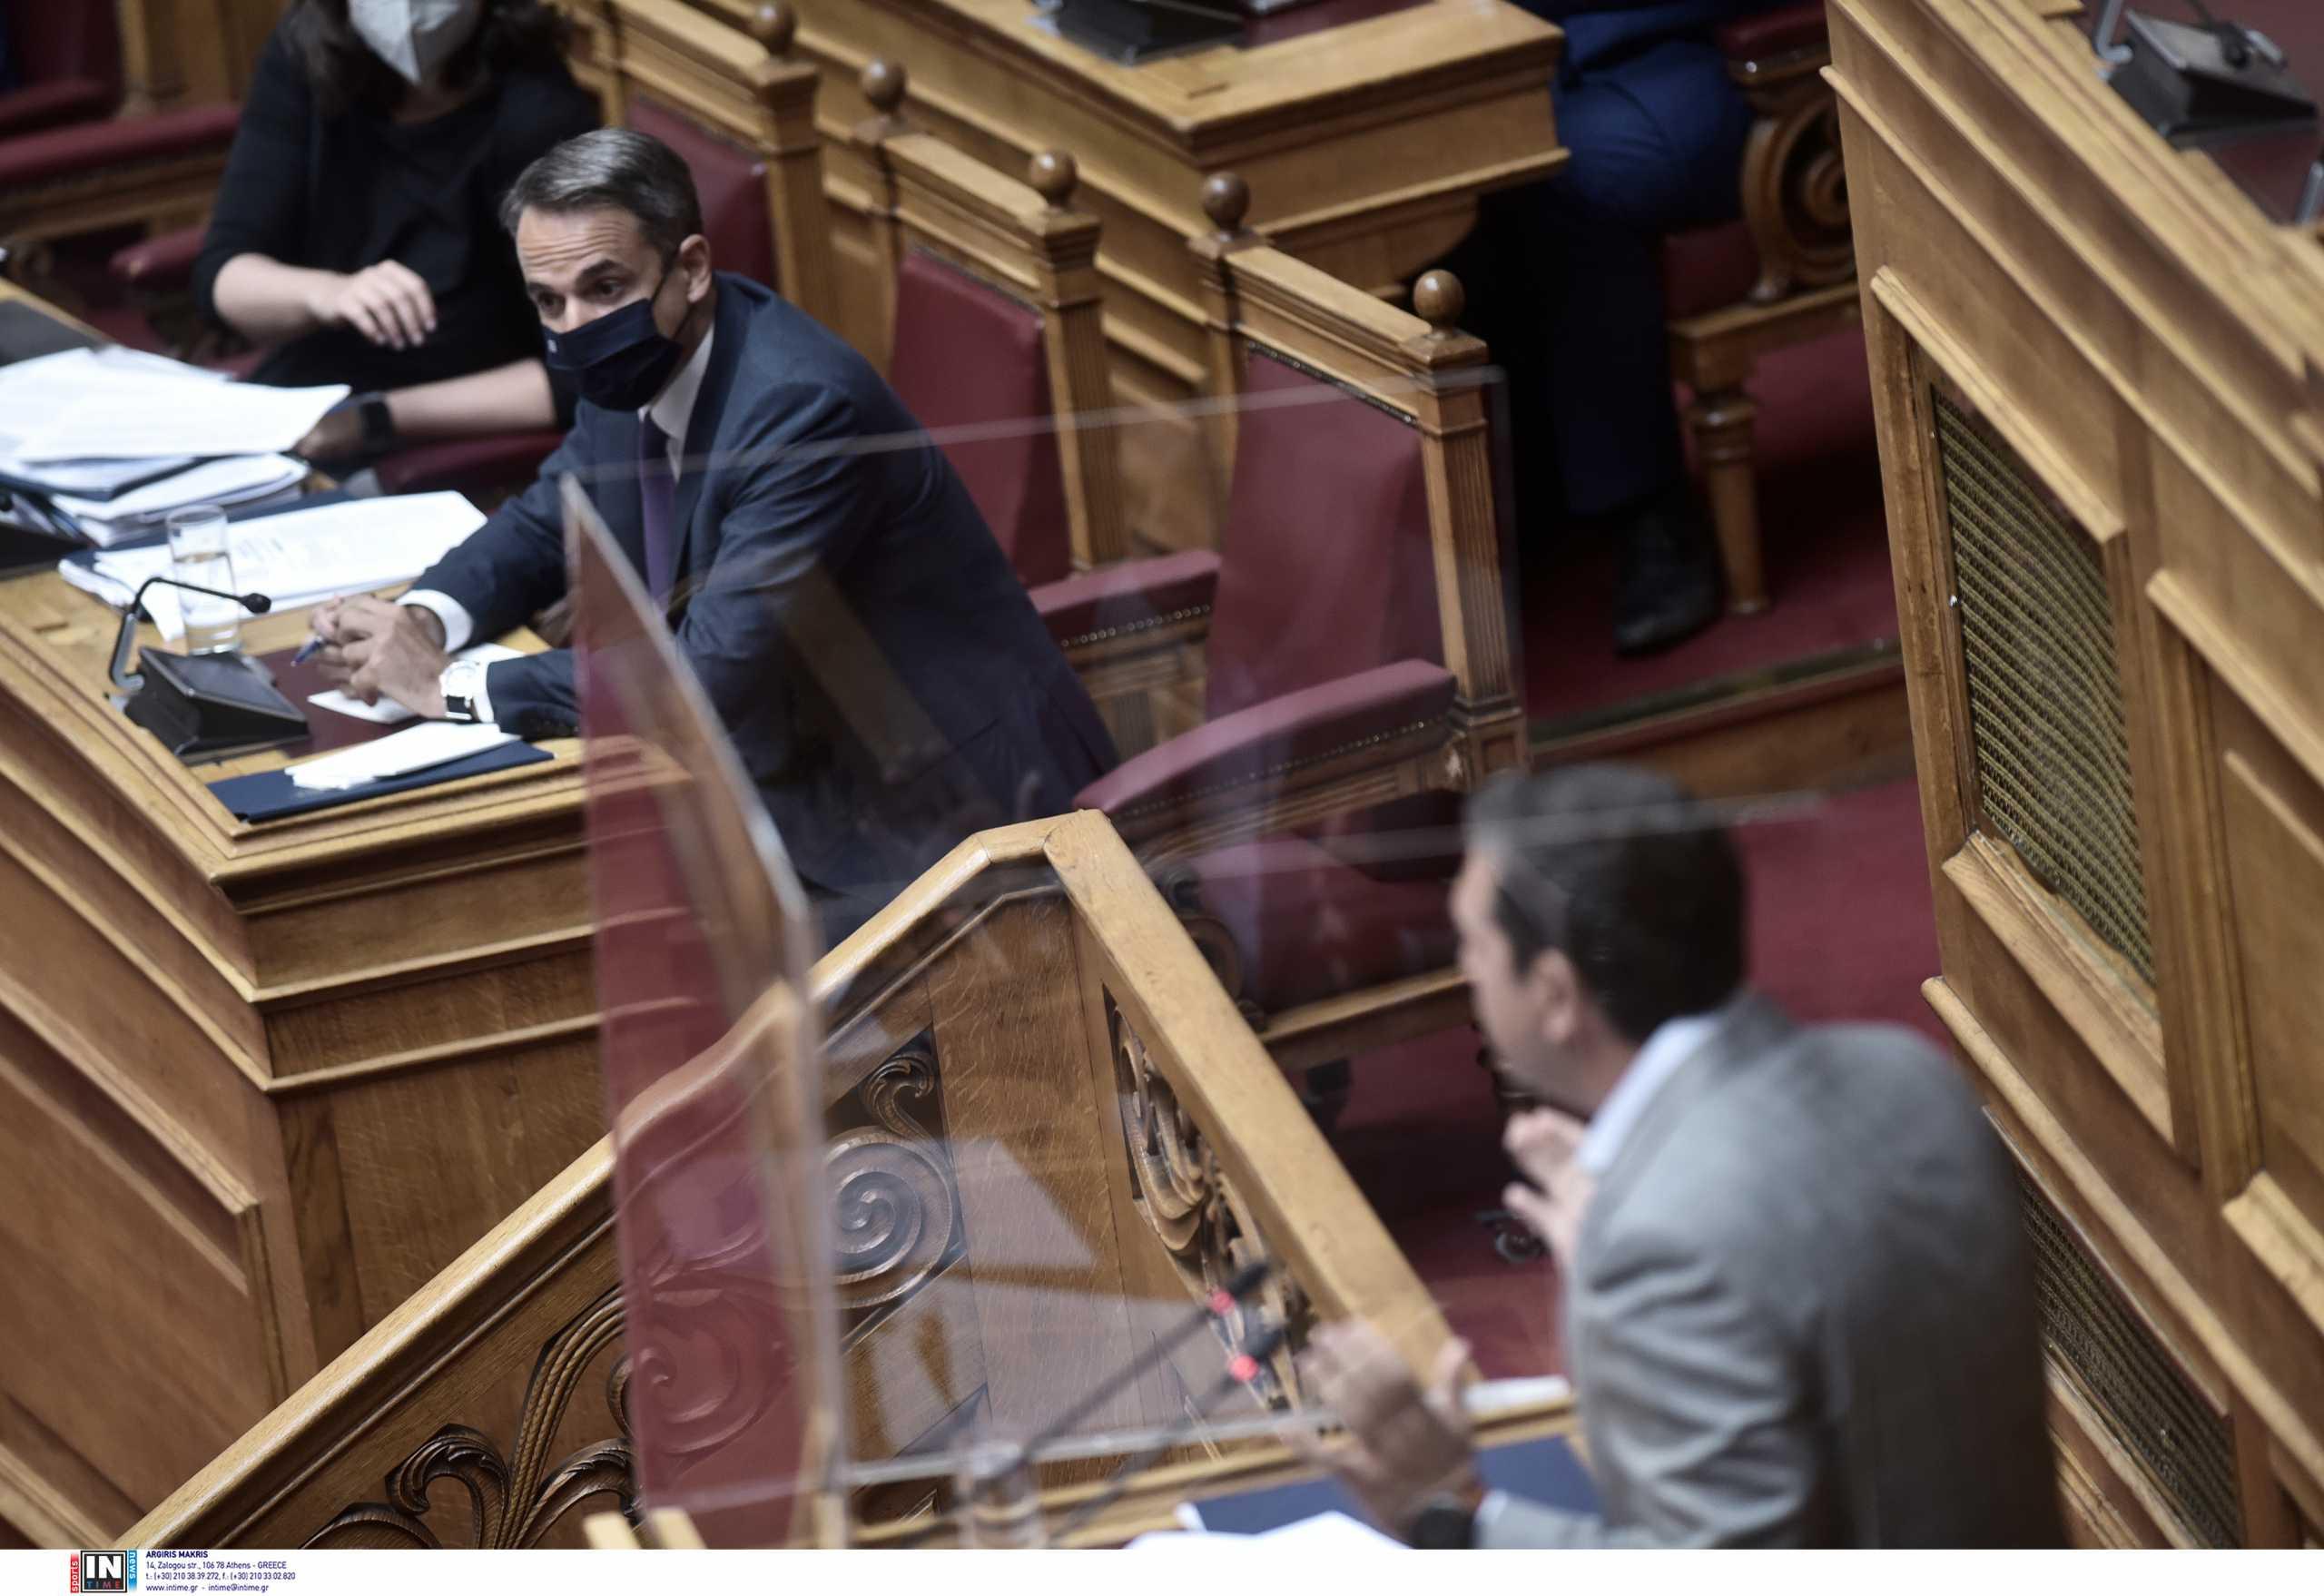 ΣΥΡΙΖΑ: Γιατί ο Τσίπρας κατέθεσε ερώτηση στον Μητσοτάκη για την πανδημία